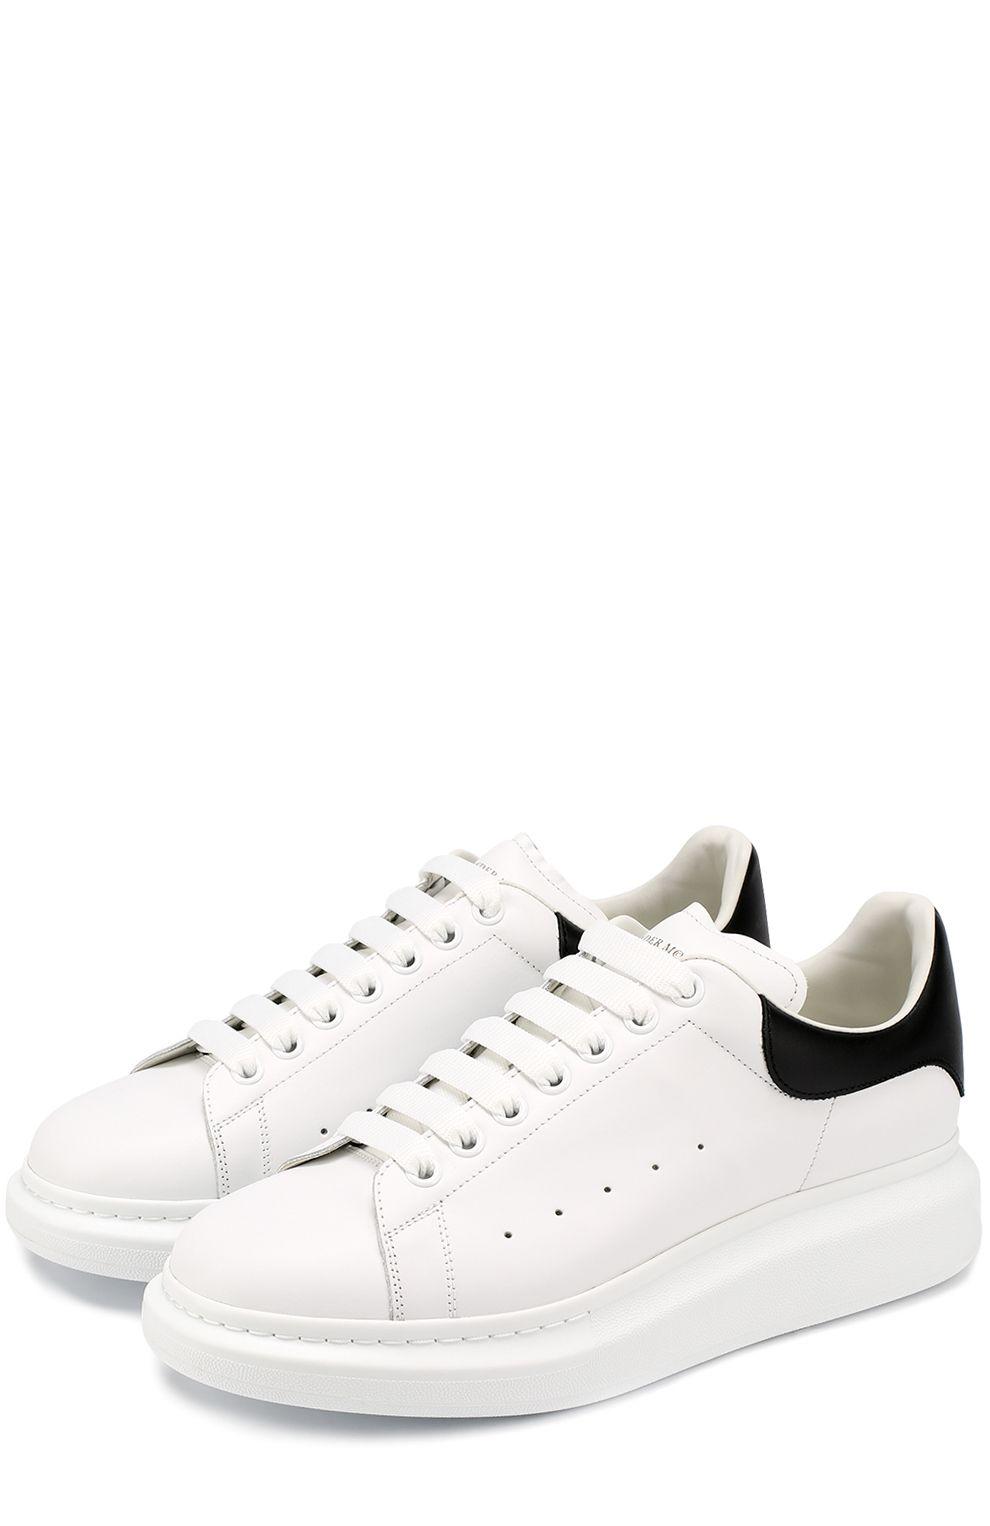 Мужские белые кожаные кеды на толстой подошве Alexander McQueen, арт.  441631 WHGP5 купить 8e82c0486c4